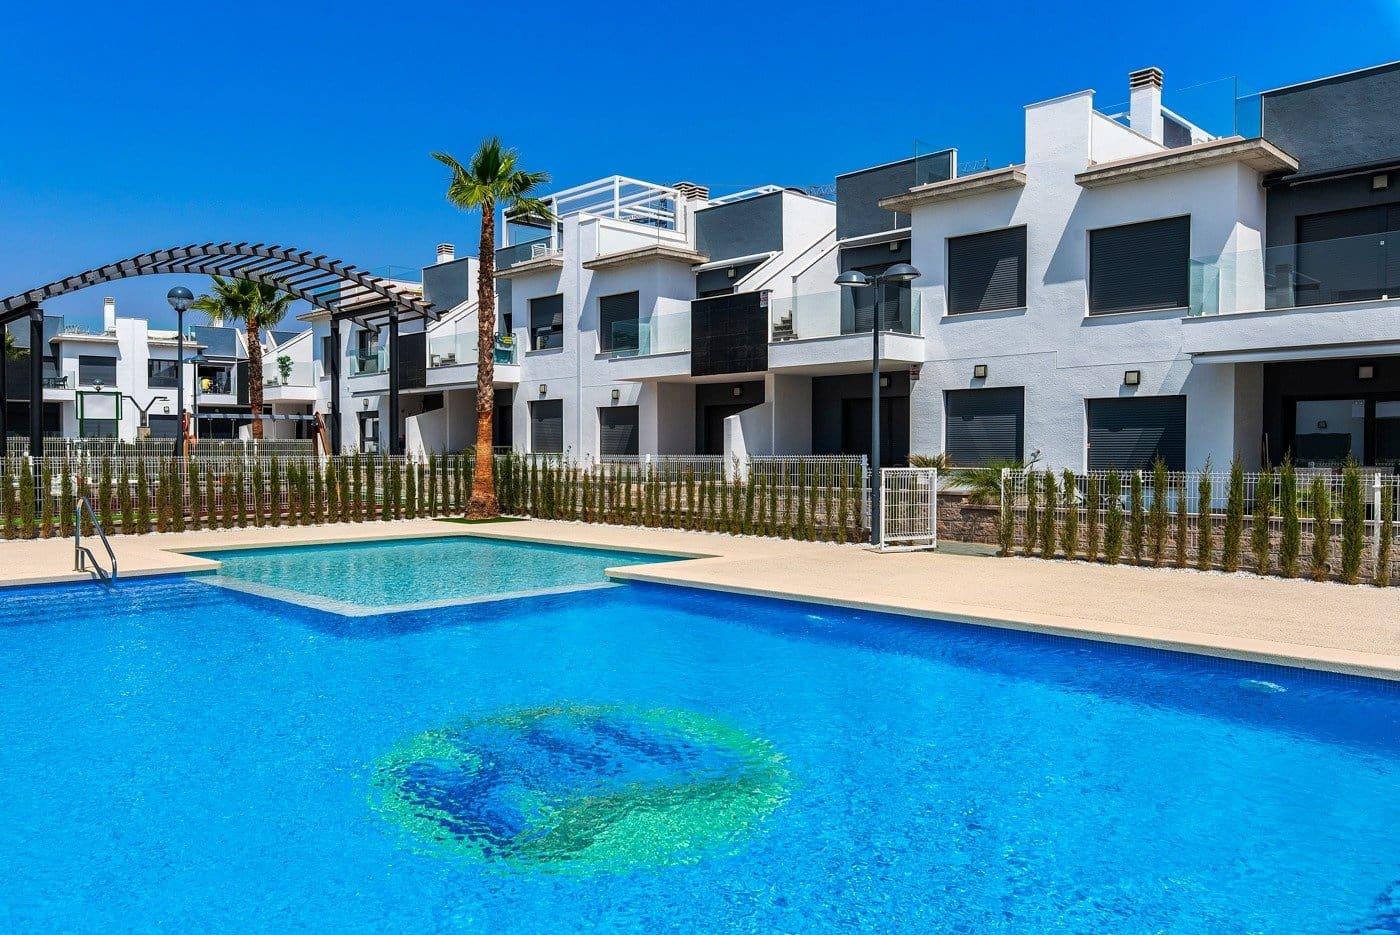 Bungalow de 3 habitaciones en Pilar de la Horadada en venta con piscina - 139.900 € (Ref: 4177961)